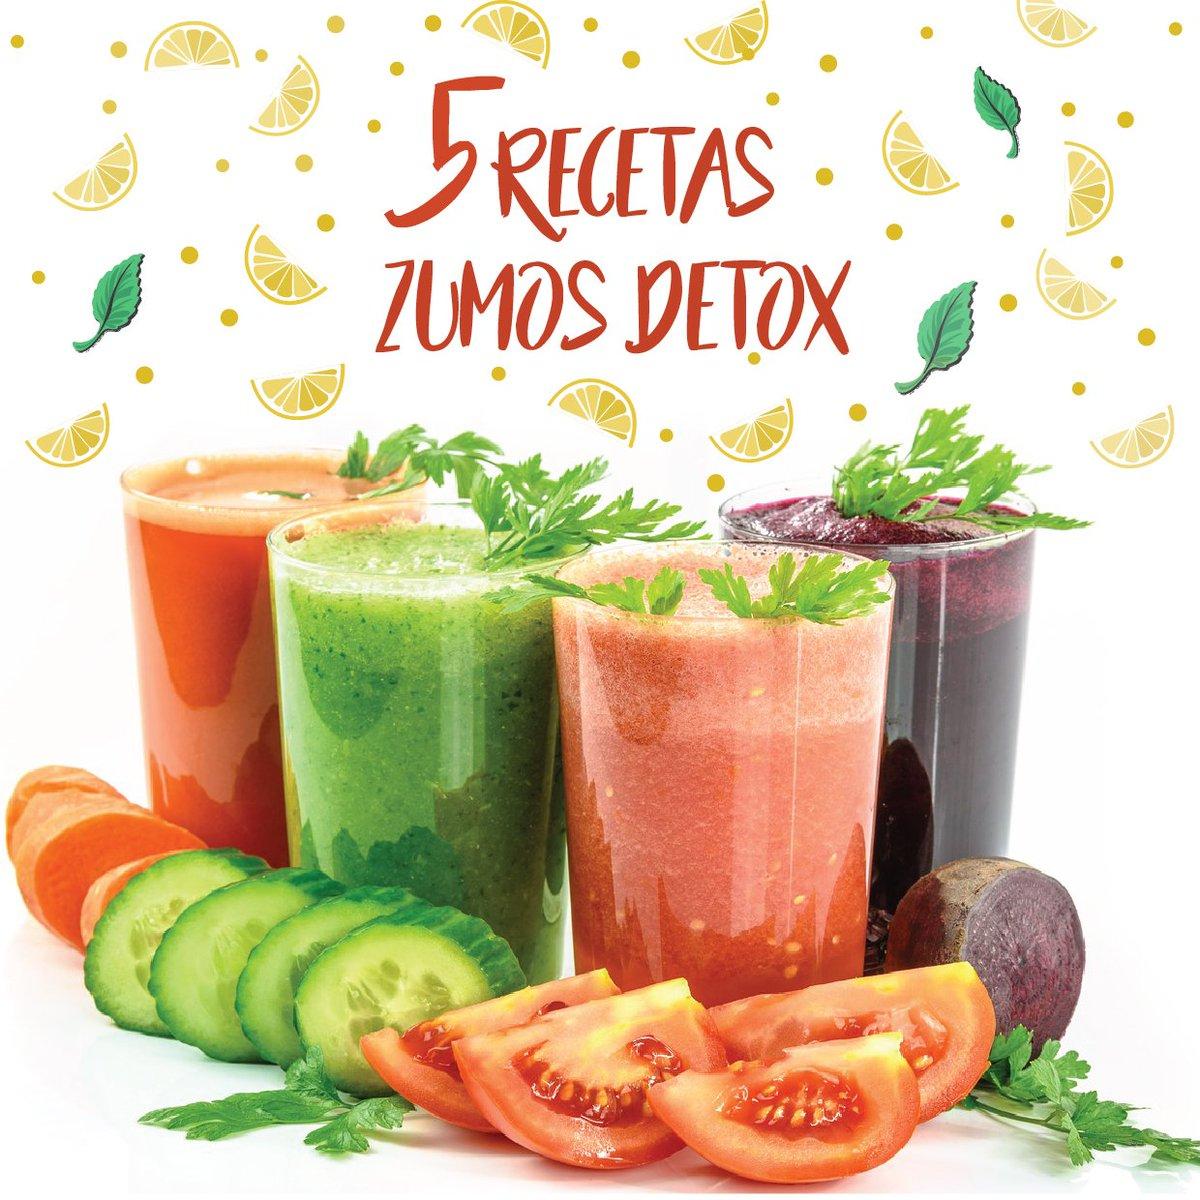 Dieta detox zumos